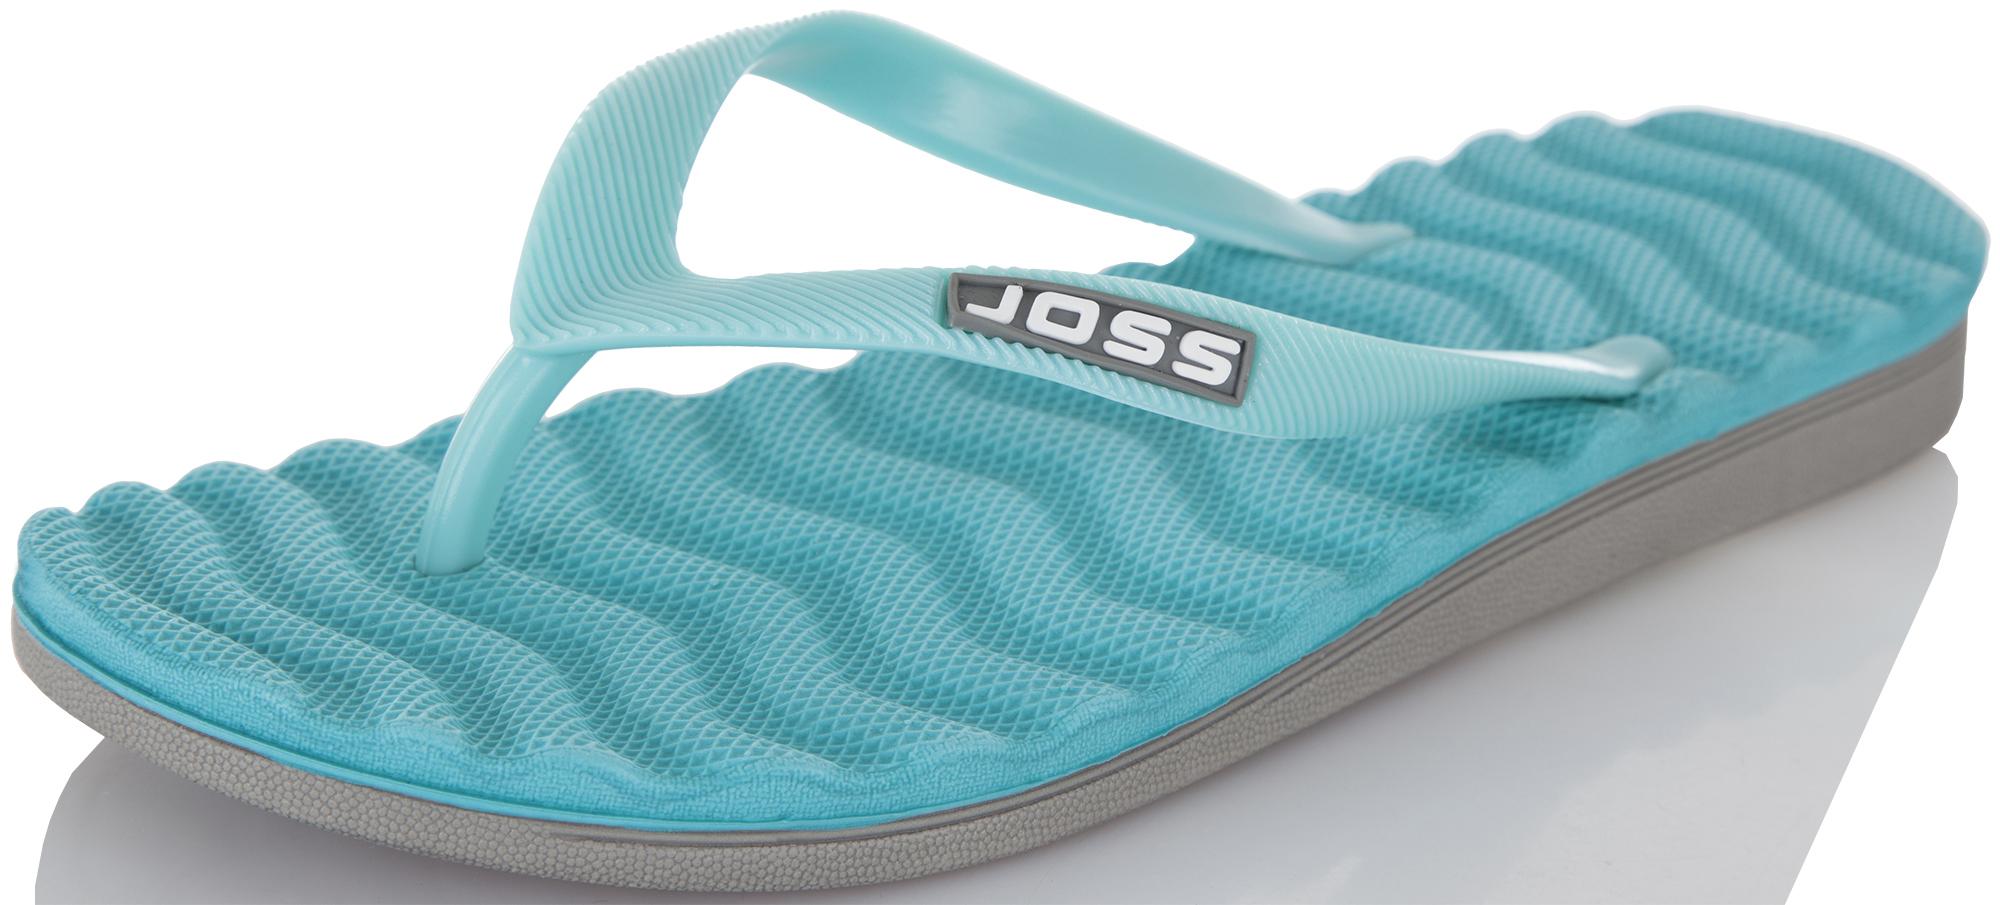 Joss Шлепанцы женские Joss Airlight, размер 37 цены онлайн